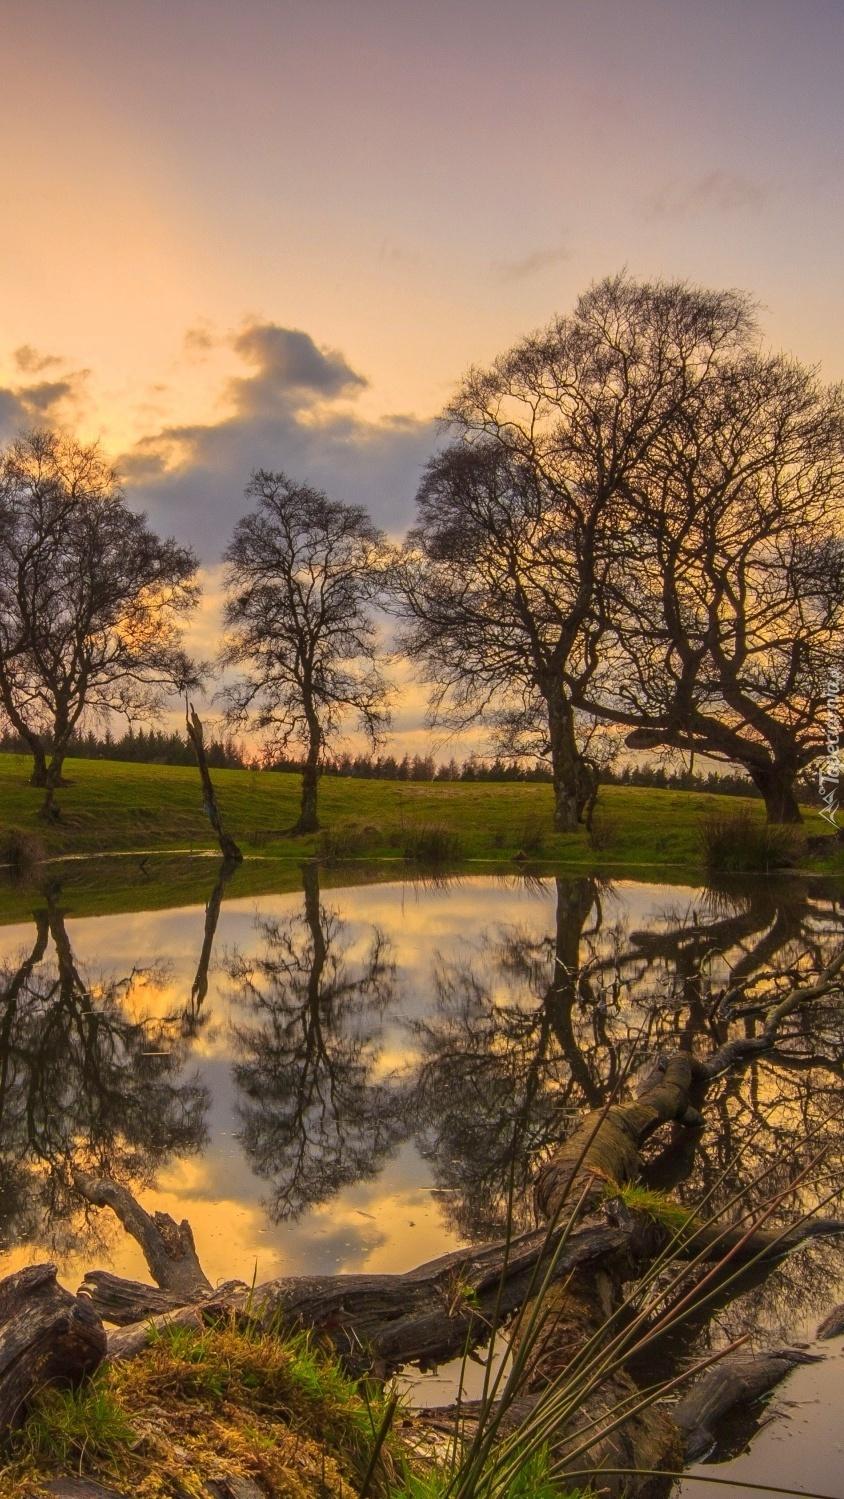 Drzewa odbite w stawie o zachodzie słońca